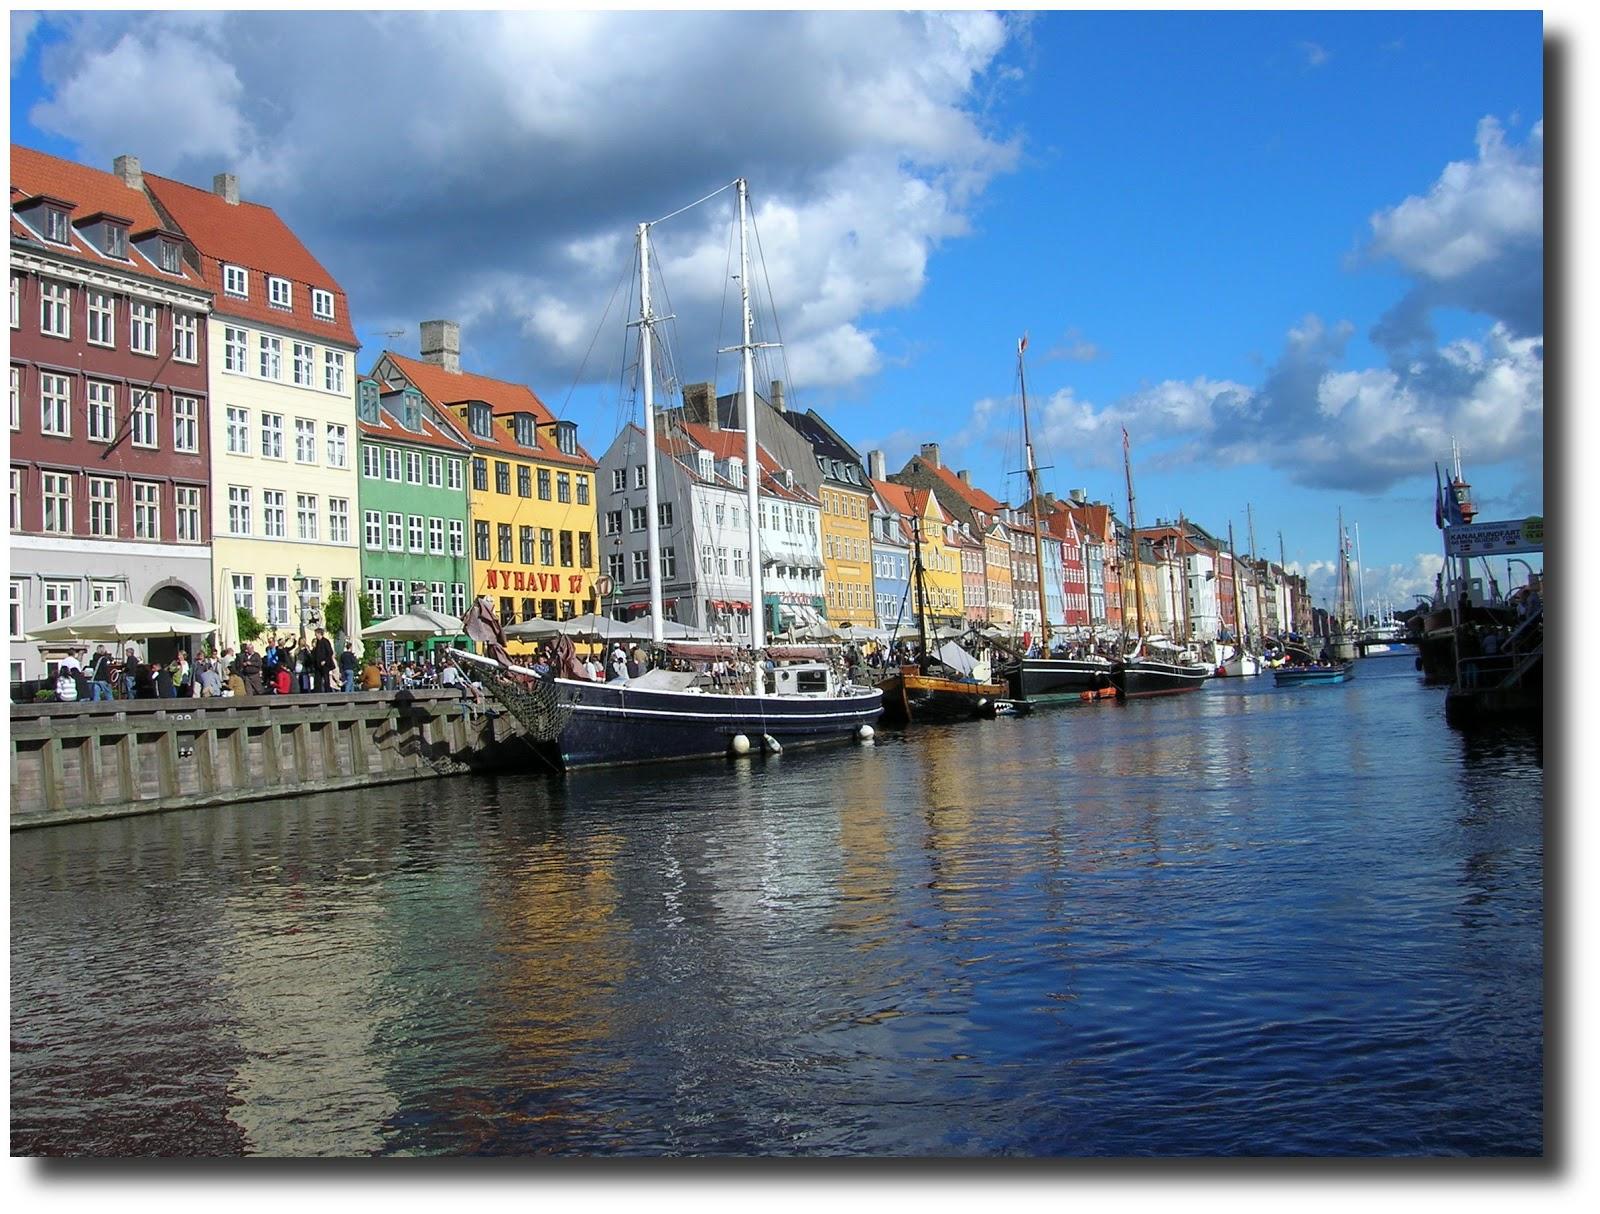 canal Nyhavn, Copenhague, dinamarca, vuelta al mundo, round the world, La vuelta al mundo de Asun y Ricardo, mundoporlibre.com